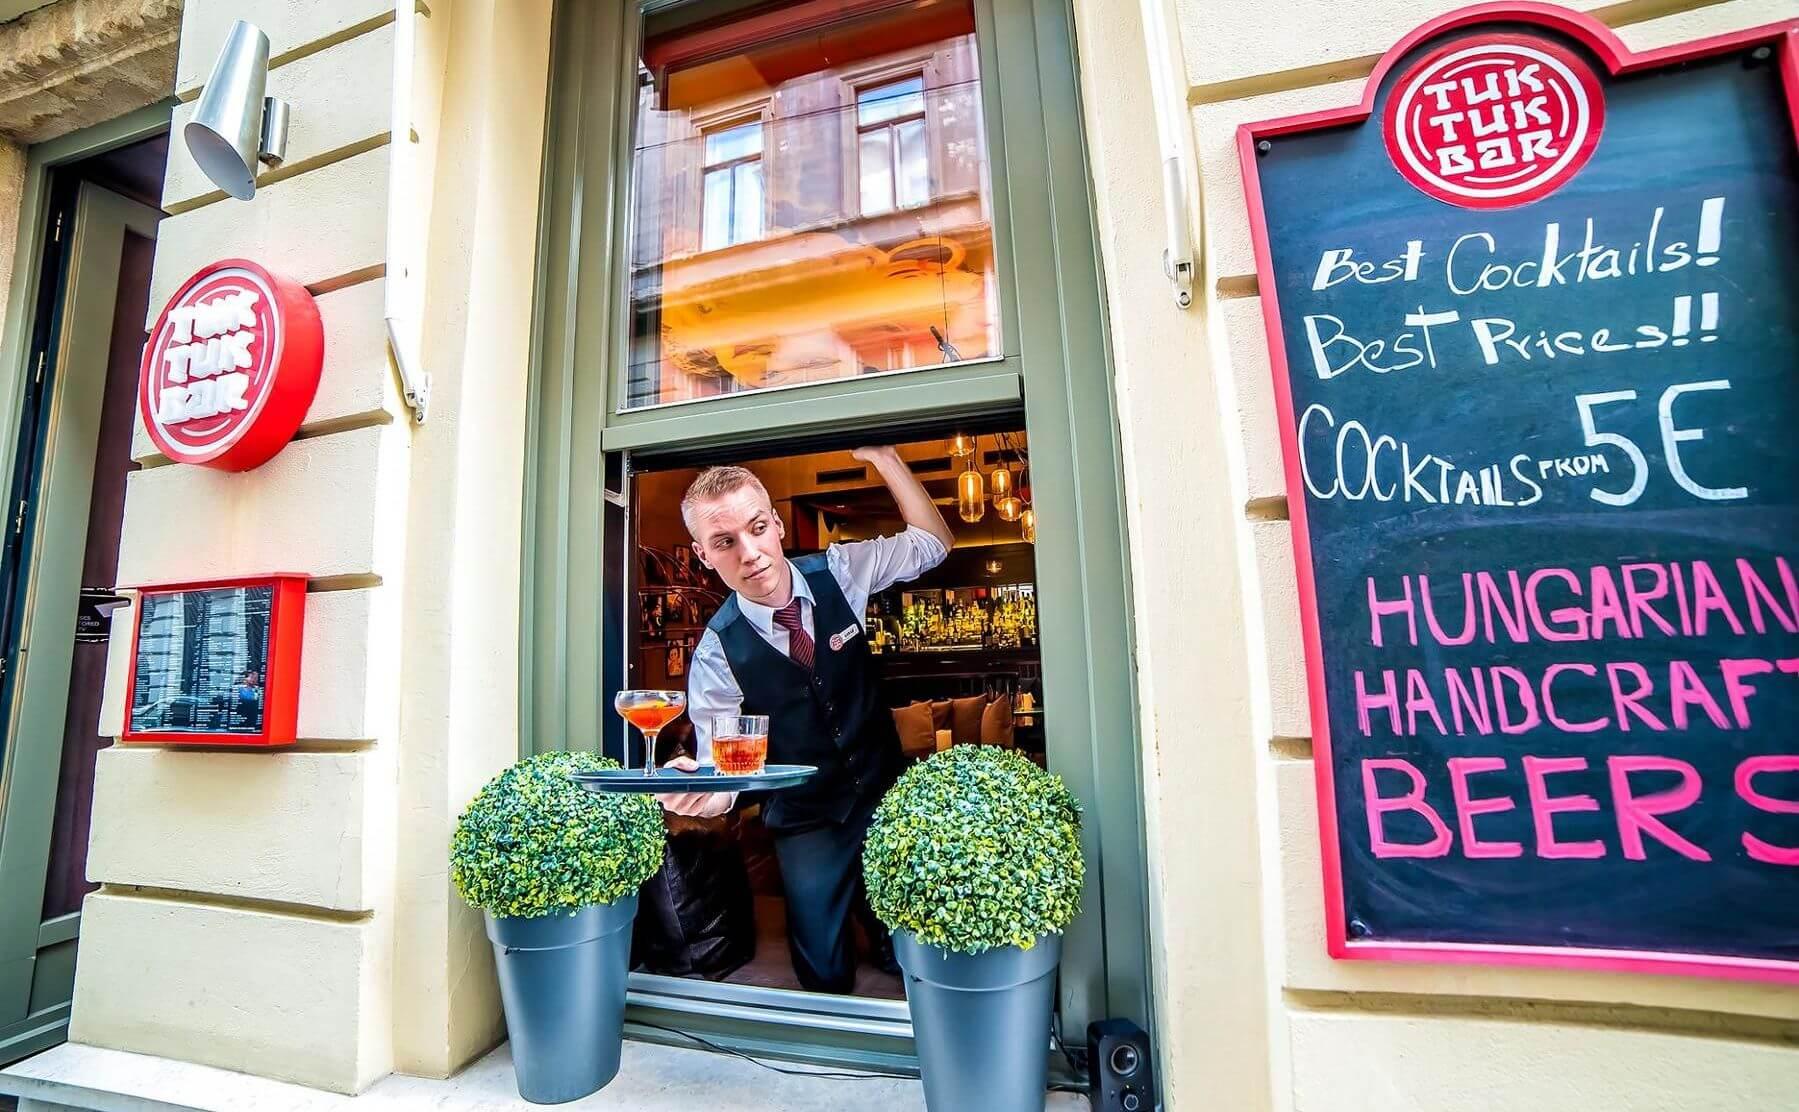 Tuk Tuk Bar Budapest טוק טוק בר ברים בבודפשט